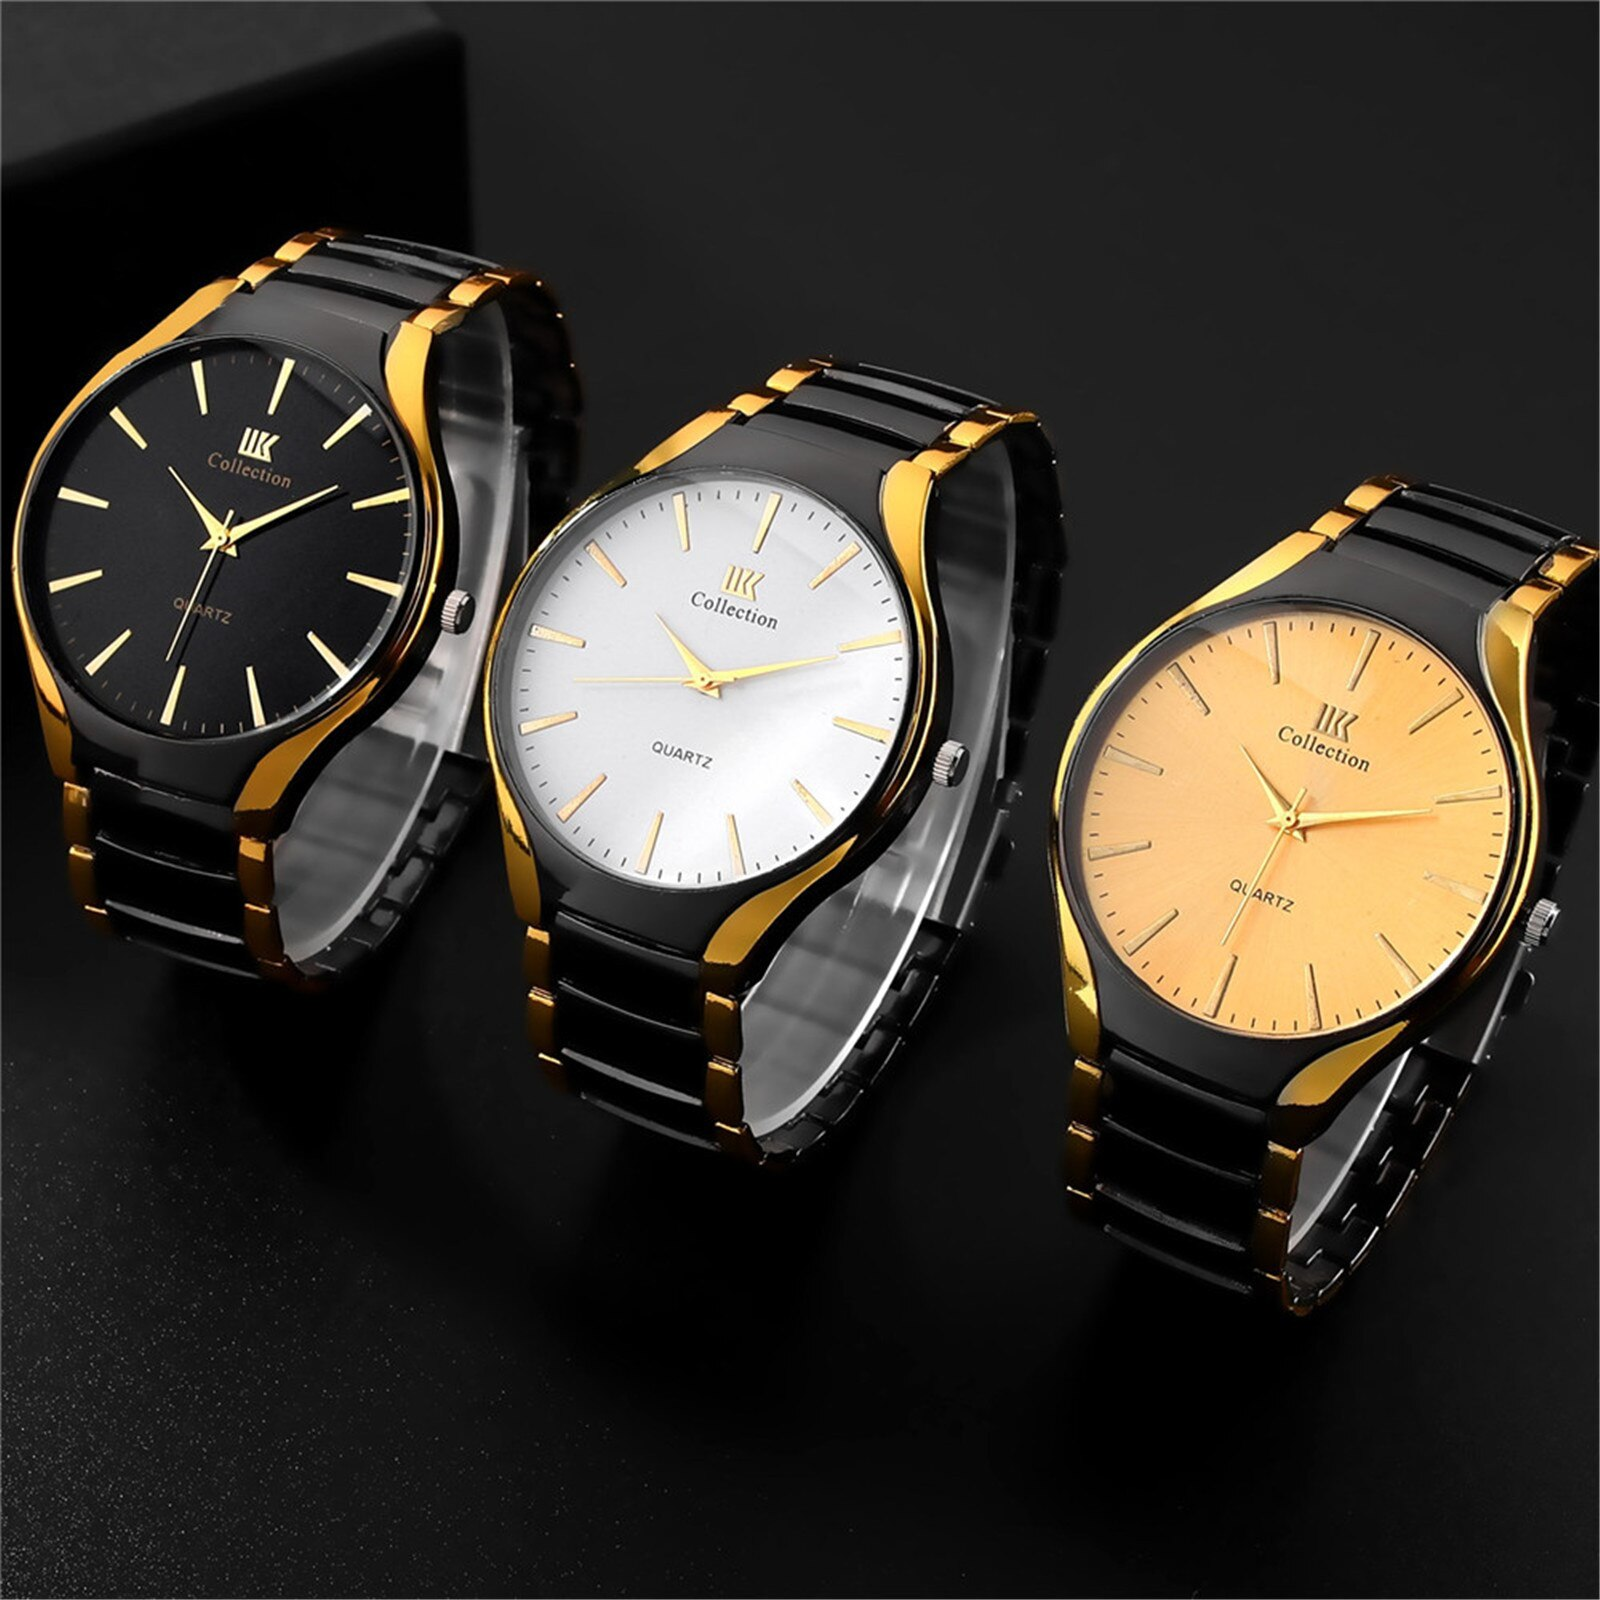 Luxury Brand Men's Watches Fashion Business Watch Clock Stainless Steel Strap Men Quartz Wristwatche